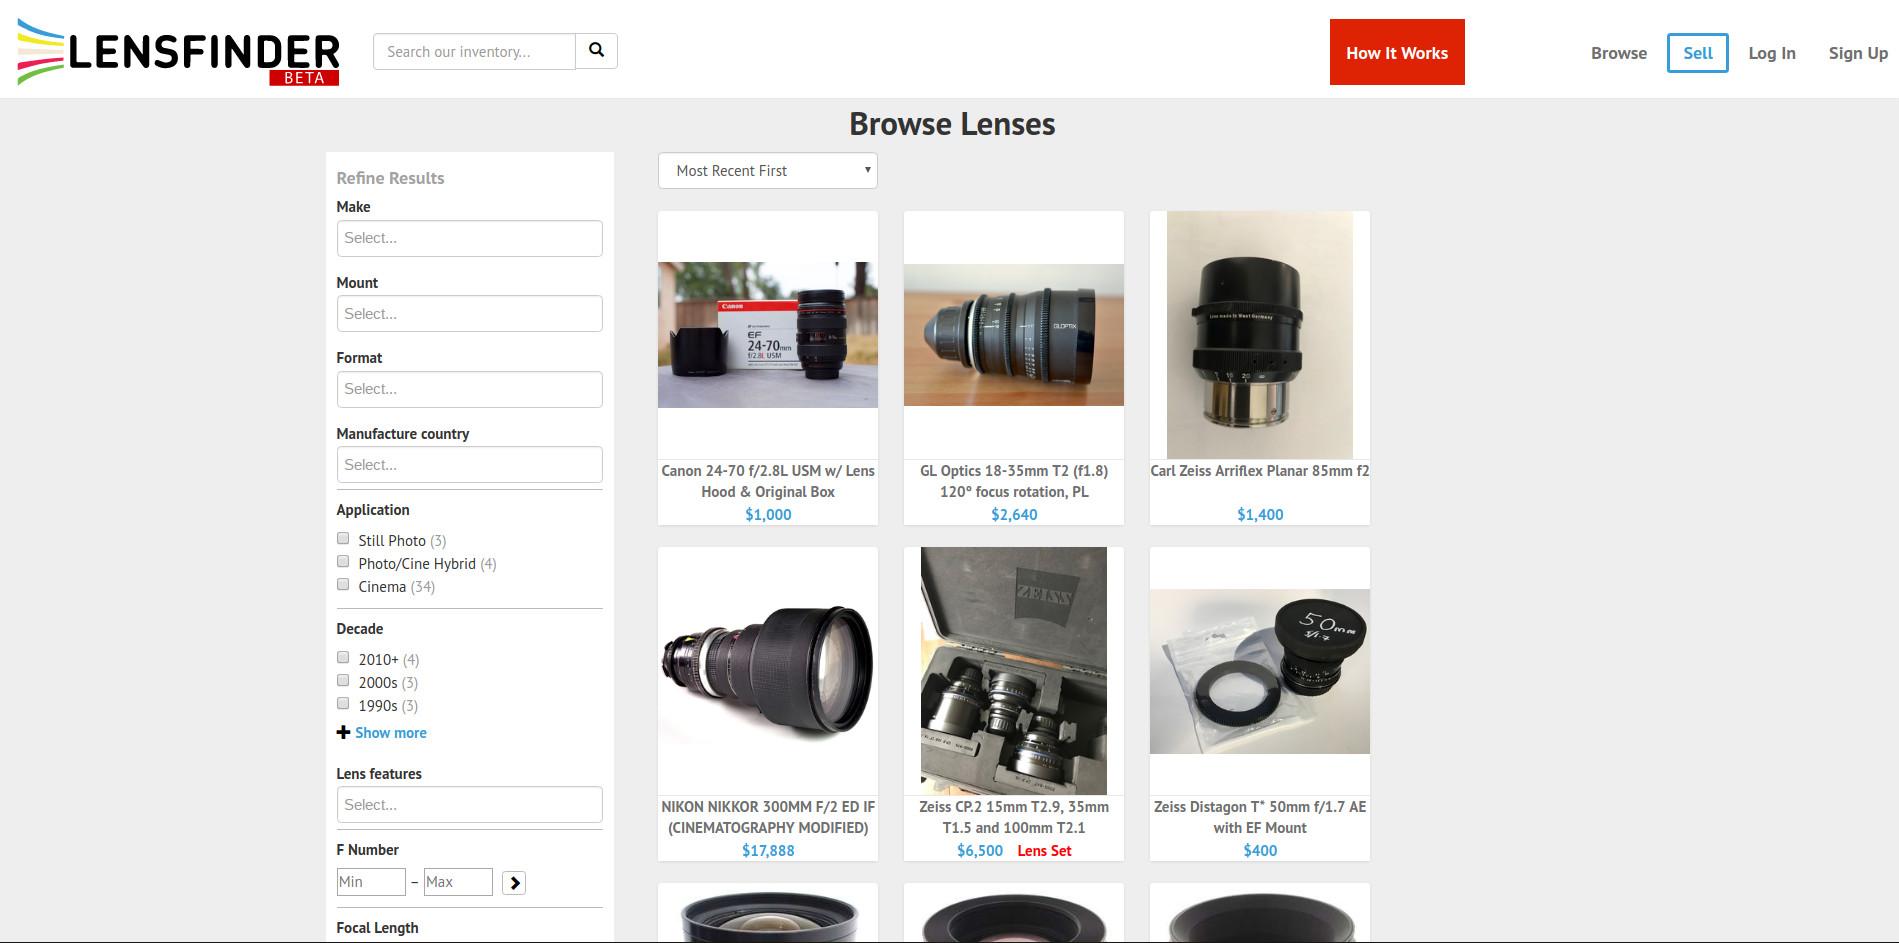 lensfinder2 image